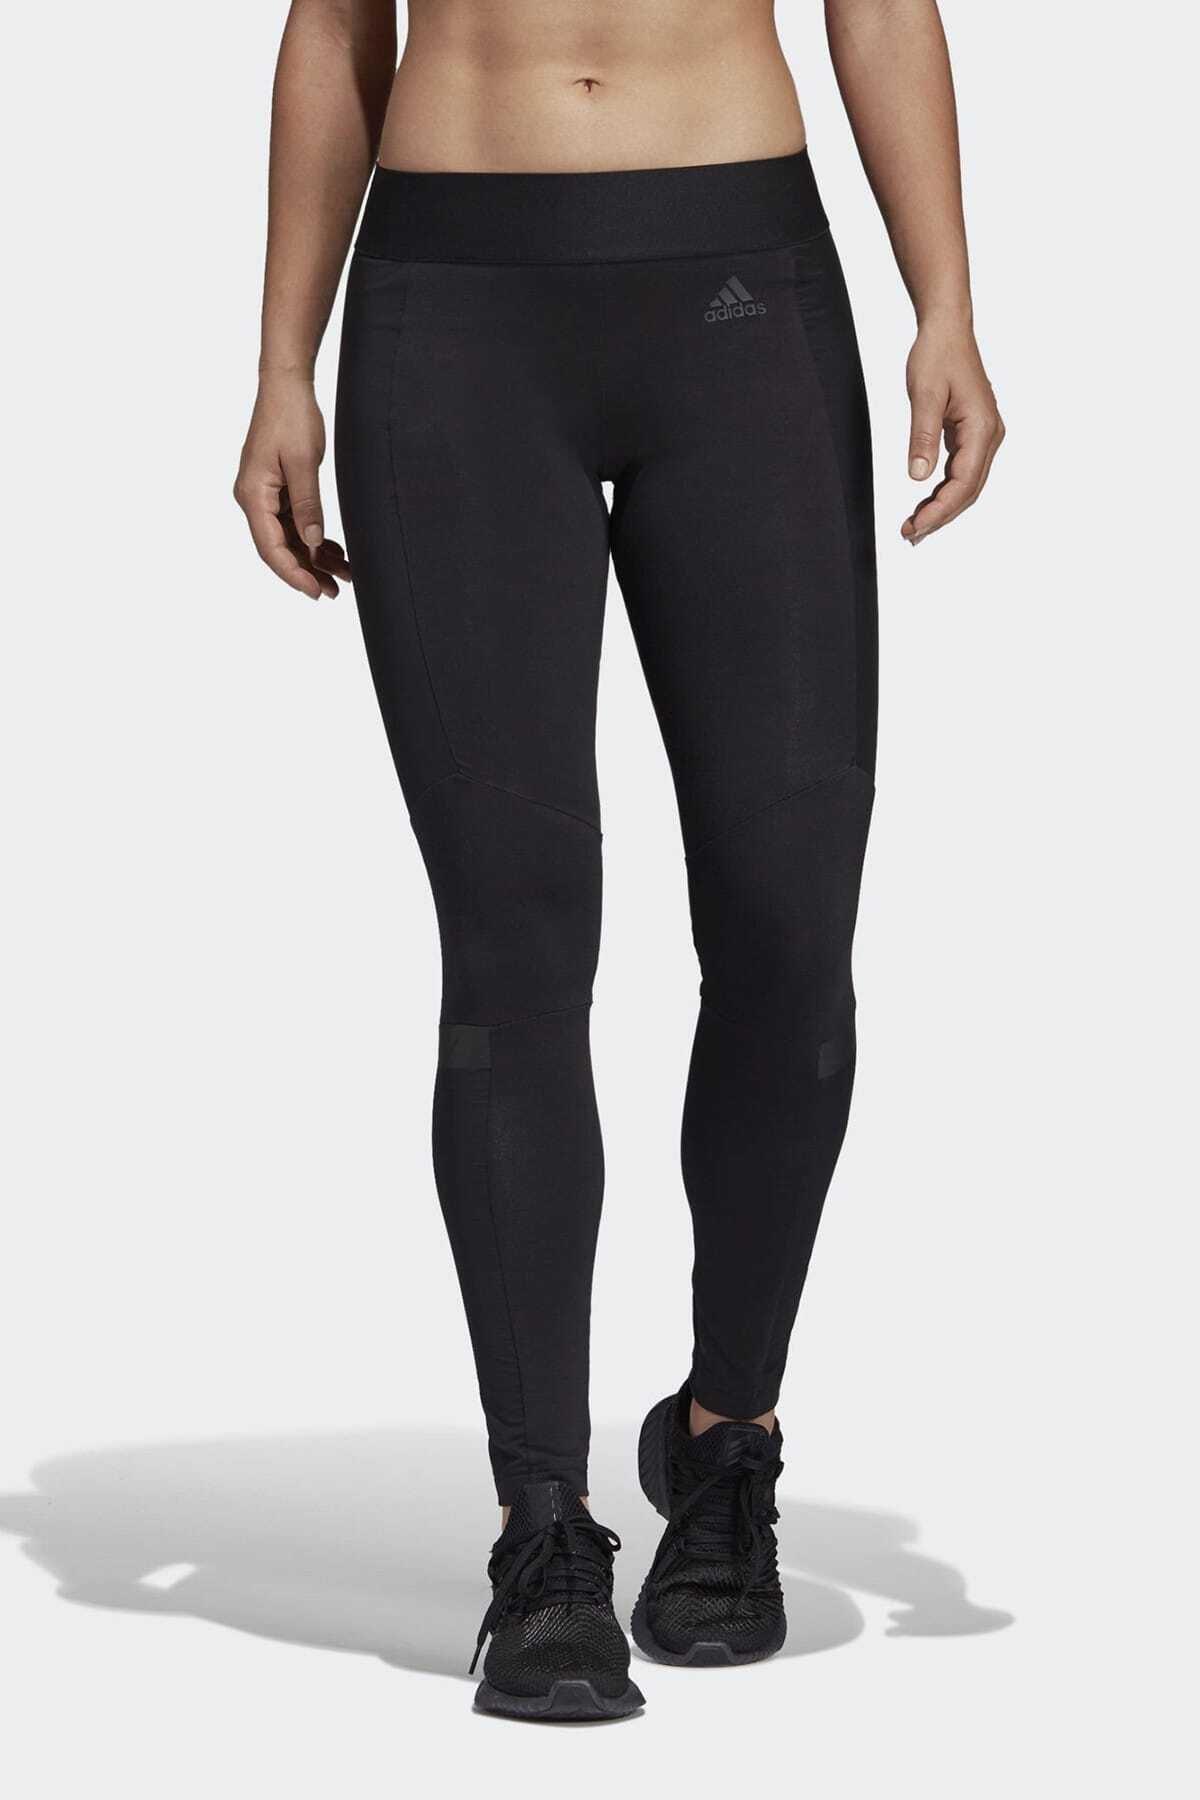 adidas W ADIDAS W.N.D. Siyah Kadın Tayt 101117627 1